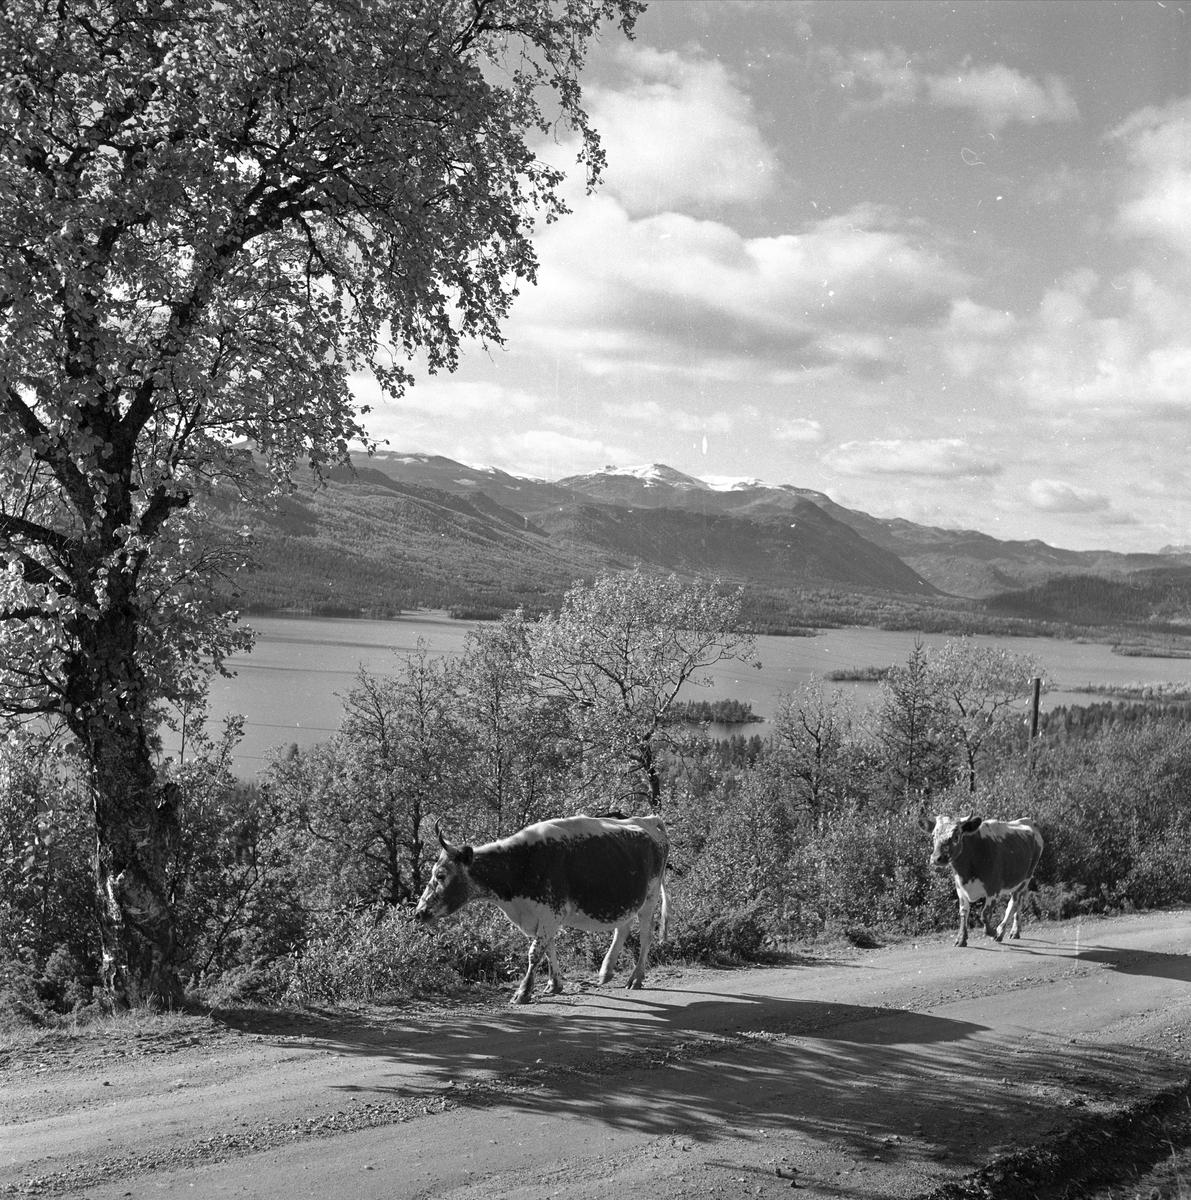 Øyangen, Øystre Slidre, Oppland, september 1957. Lykkja og Beito ved Øyangen. Landskap med kuer på vei.